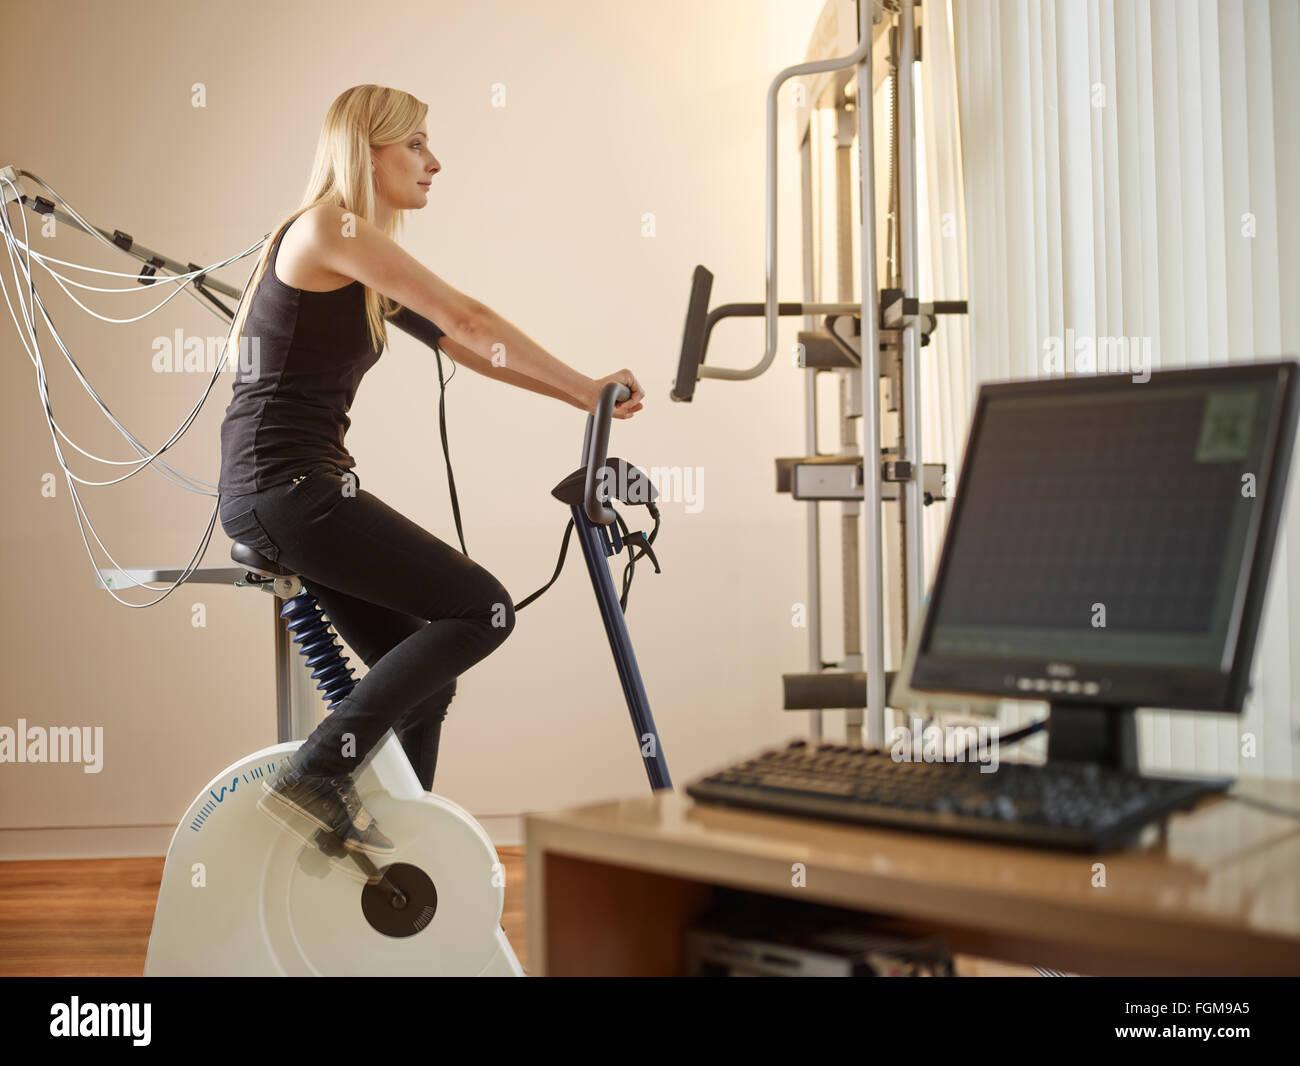 Junge blonde Frau, 25-30 Jahre, ECG Untersuchung, Österreich Stockbild